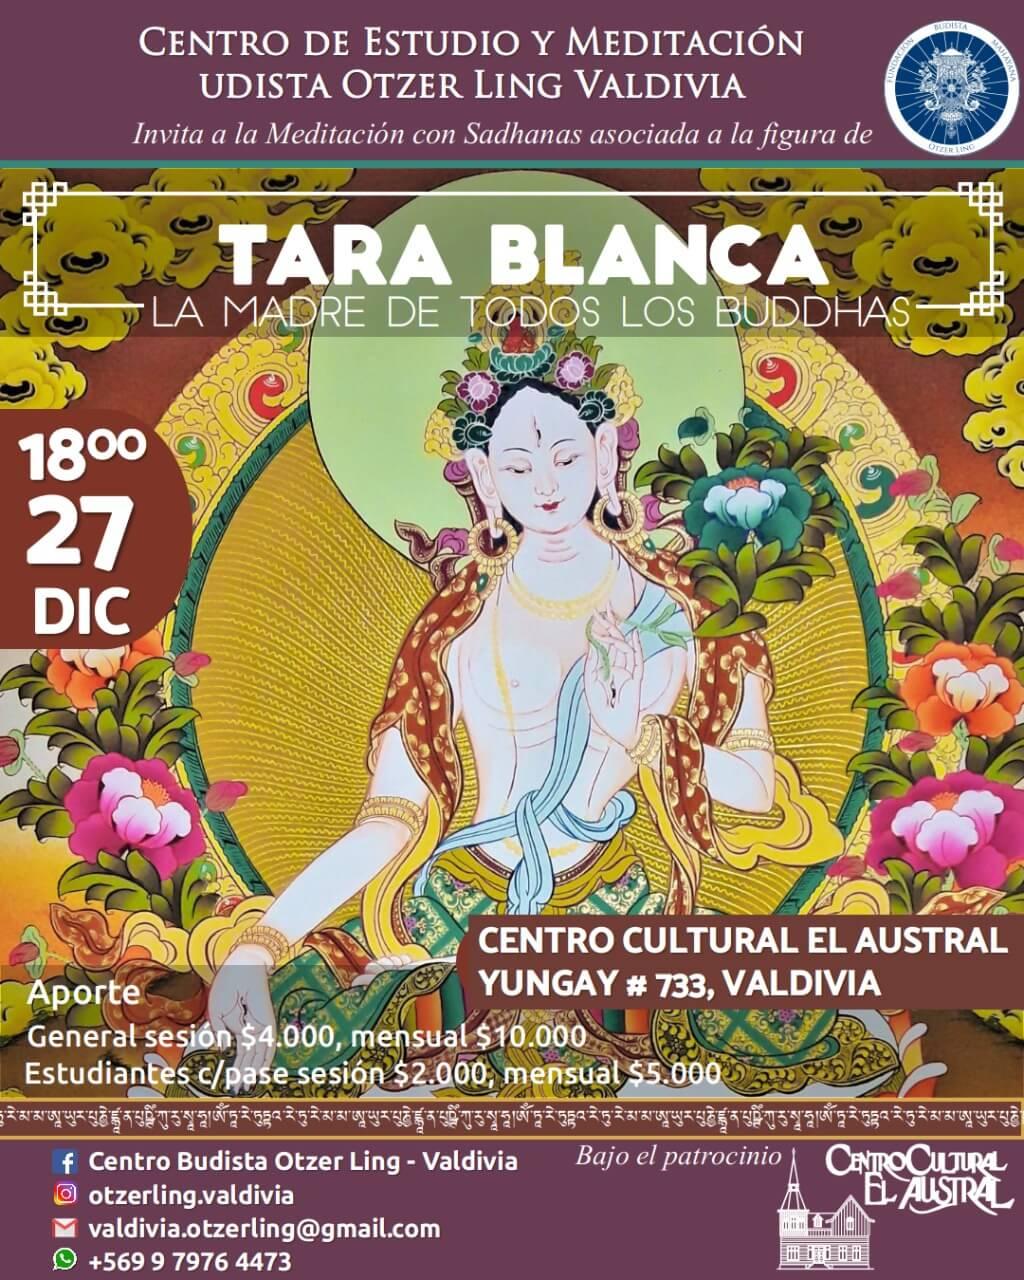 Tara Blanca; La Madre de todos los Buddhas